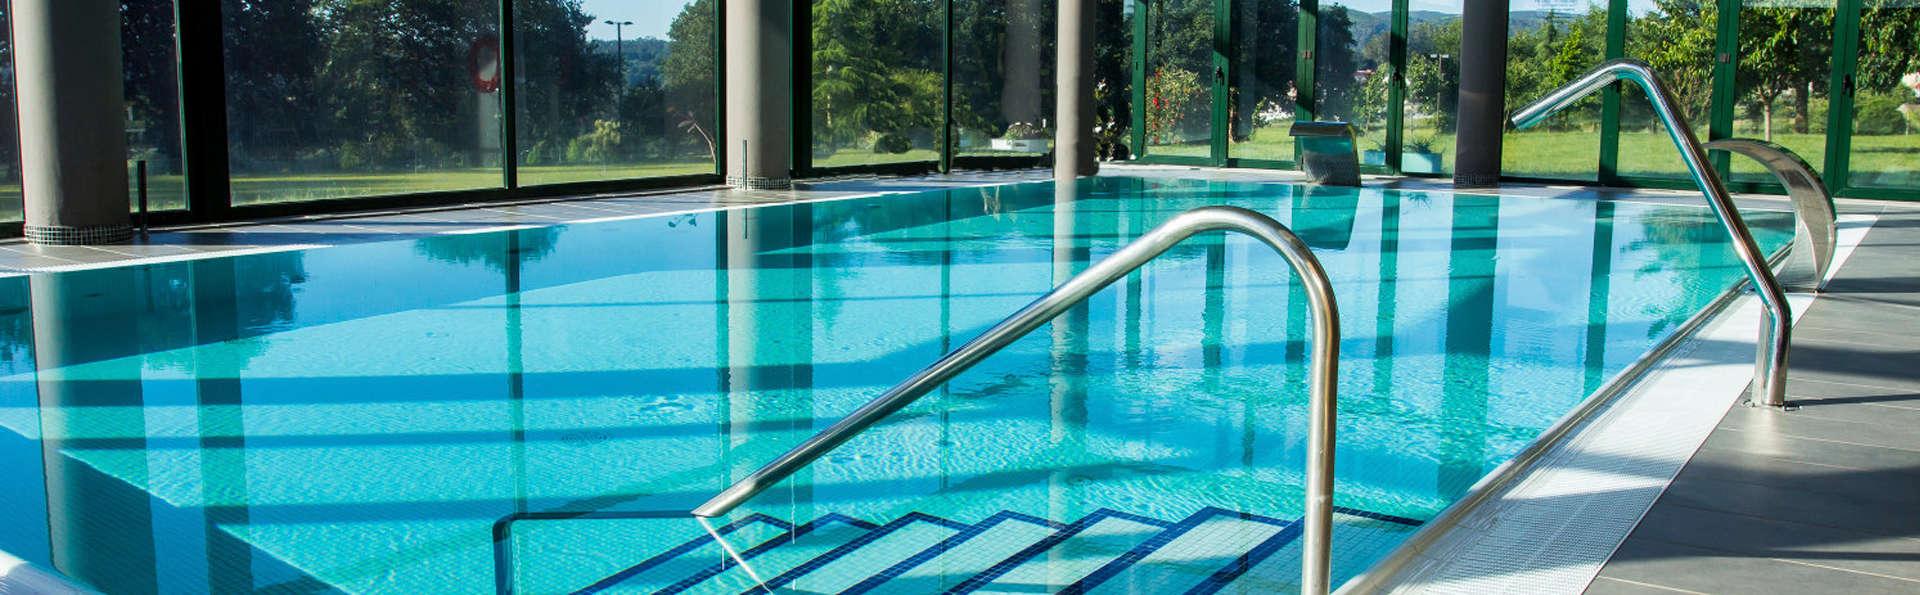 Prioriza tu bienestar con una sesión de spa en un hotel en plena naturaleza (desde 2 noches)